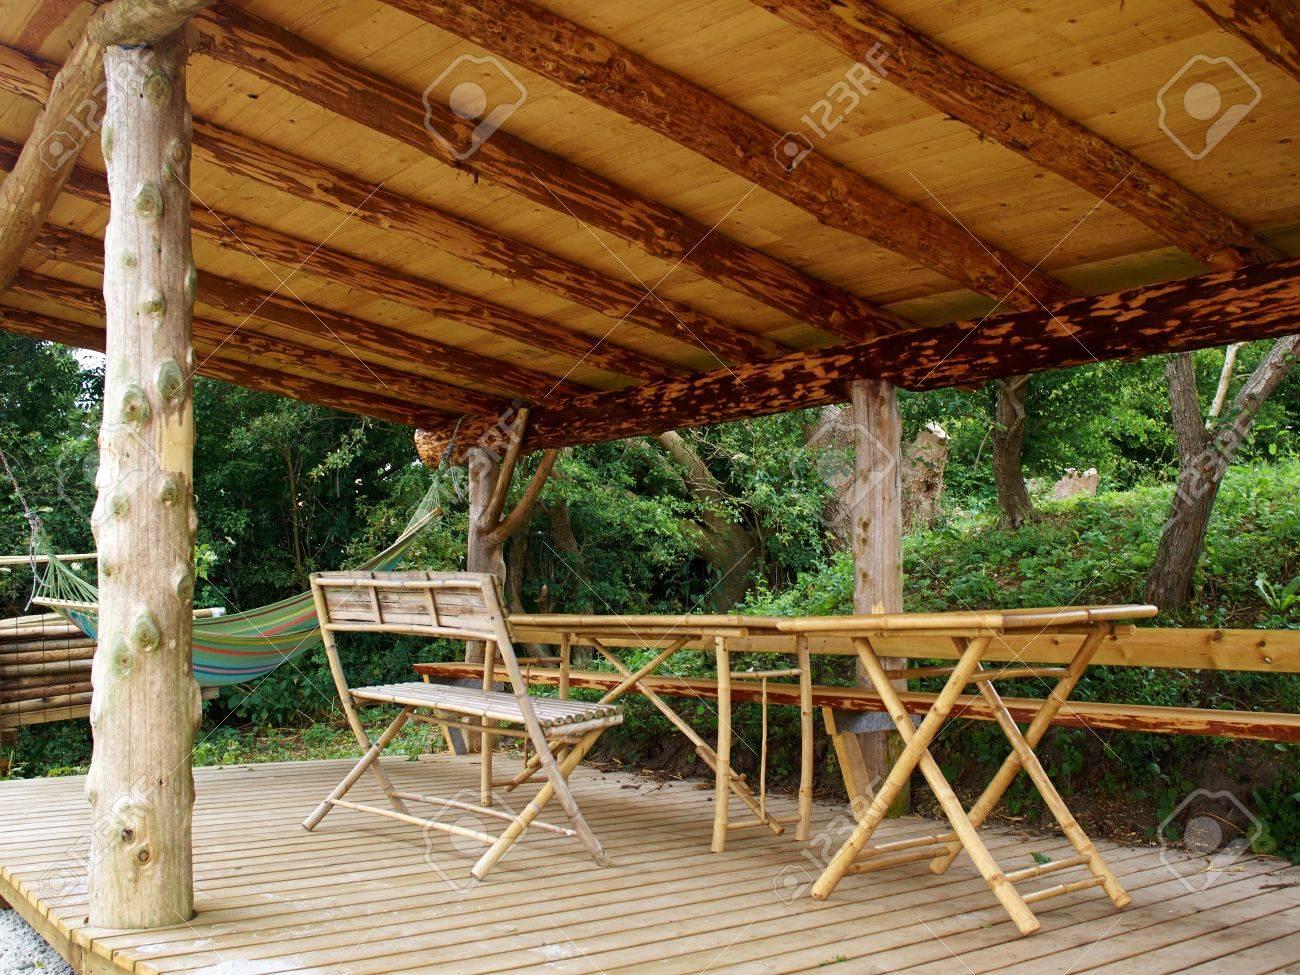 Full Size of Pergola Holz Garten Selber Bauen Kaufen Bausatz Bauhaus Sichtschutz Hornbach Aus Mit Dach Freistehend Traditionelle Handgemachte Gartenmbeln In Einem Betten Wohnzimmer Pergola Holz